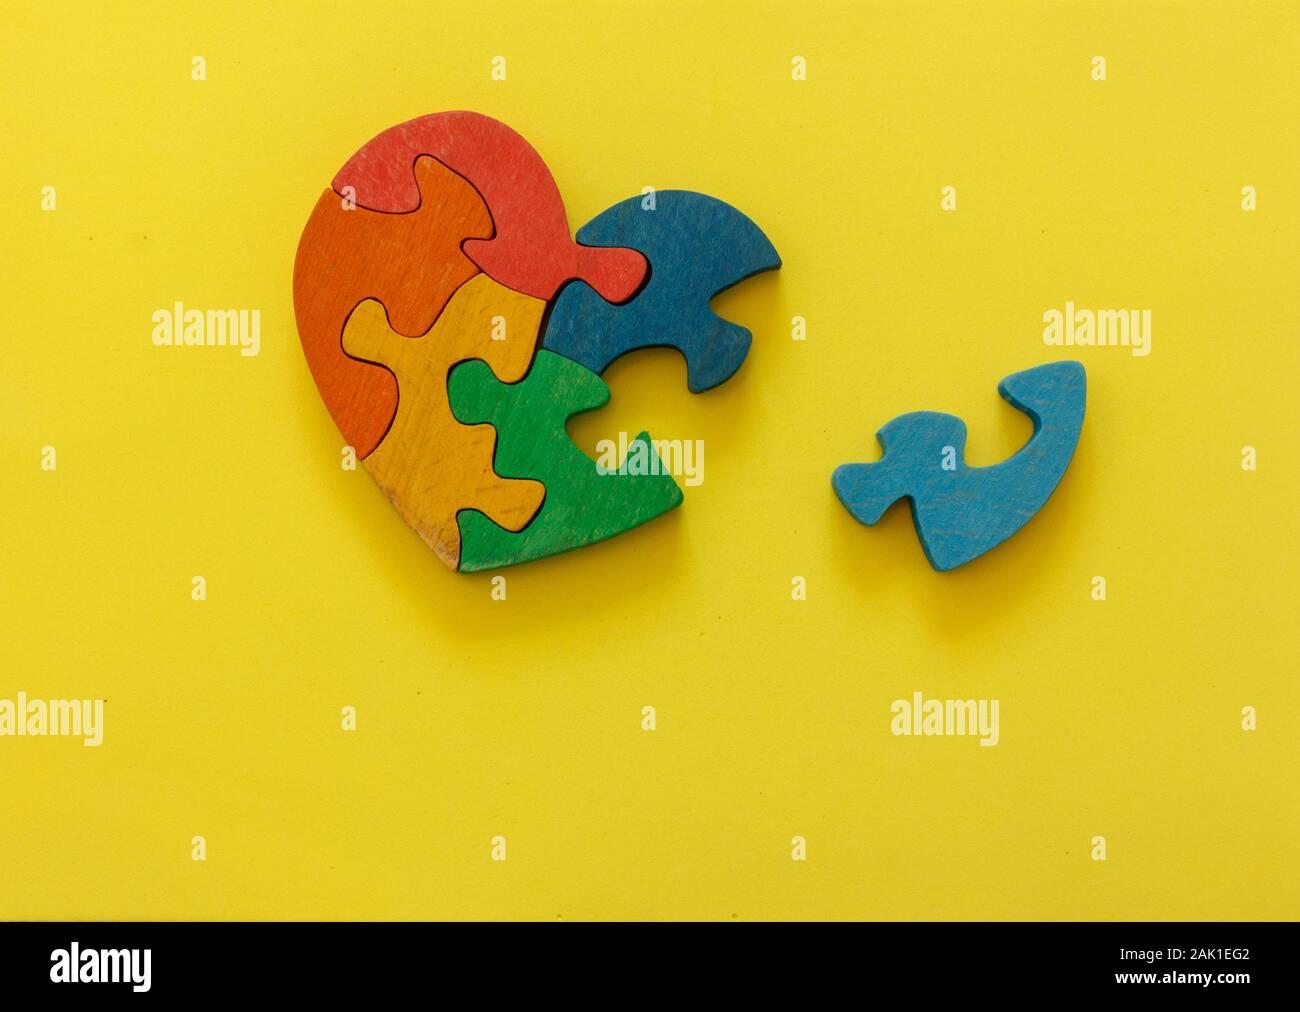 Holz- Cognac Puzzle in Form von Herzen auf gelben Hintergrund. Konzept Valentines Tag, Beziehung. Stockfoto